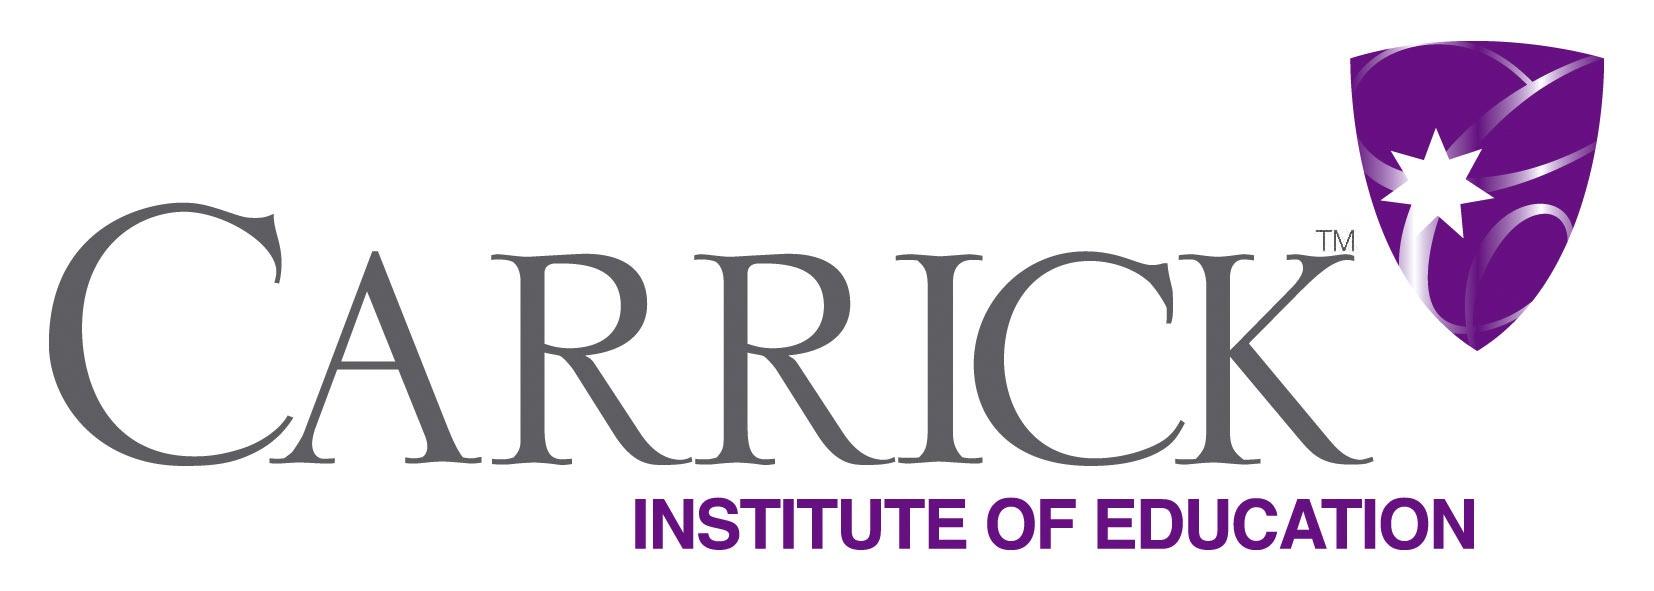 carrick_logo.jpg